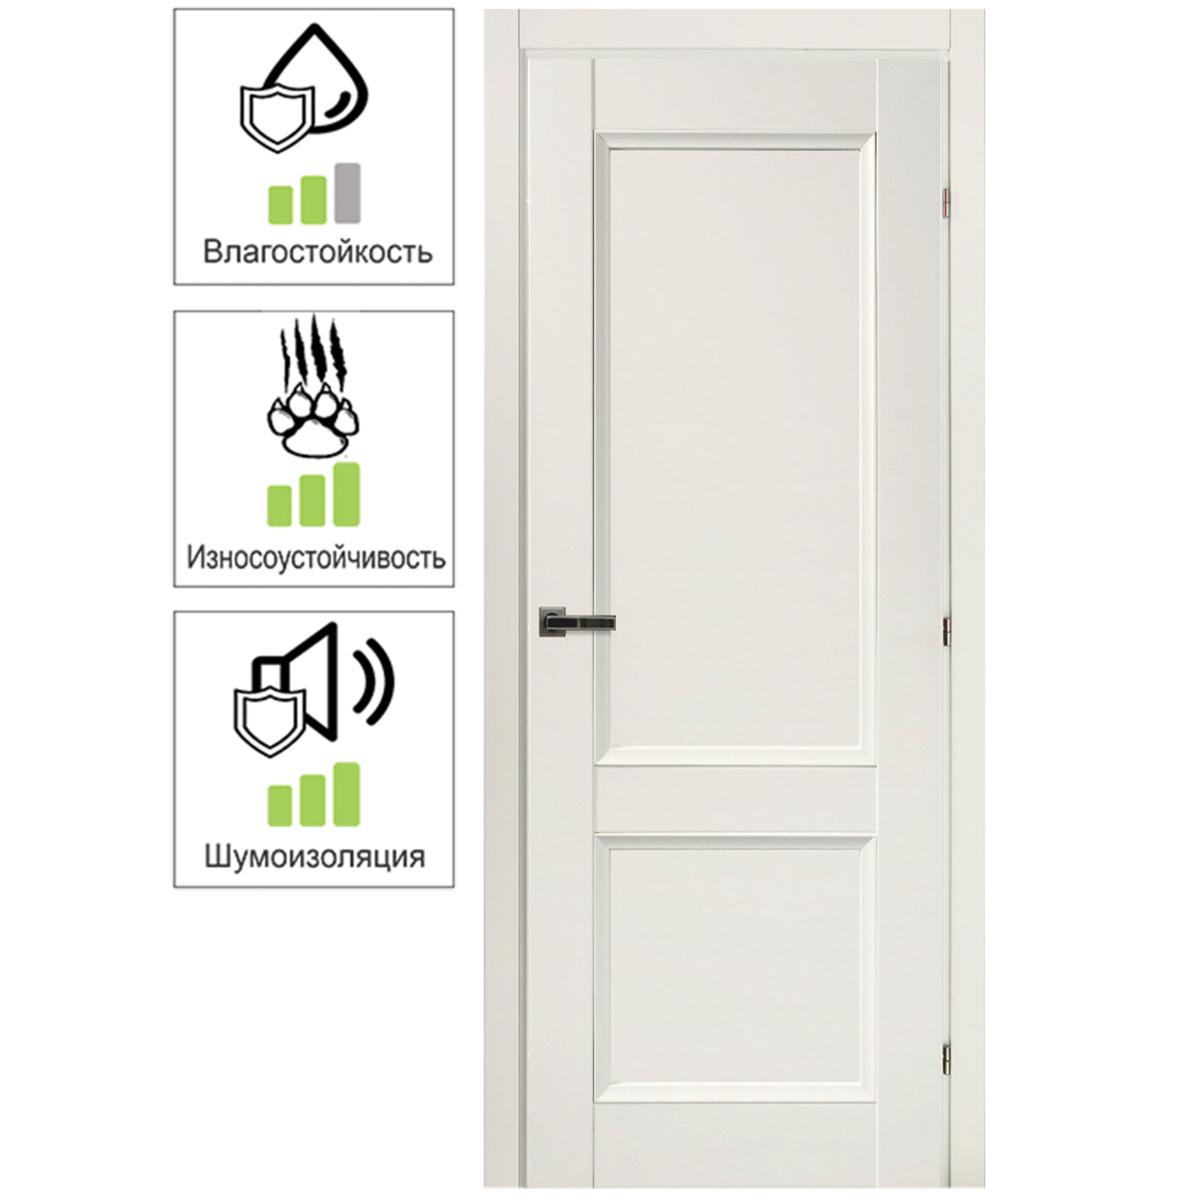 Дверь межкомнатная Танганика 60х200 см CPL цвет белый с фурнитурой